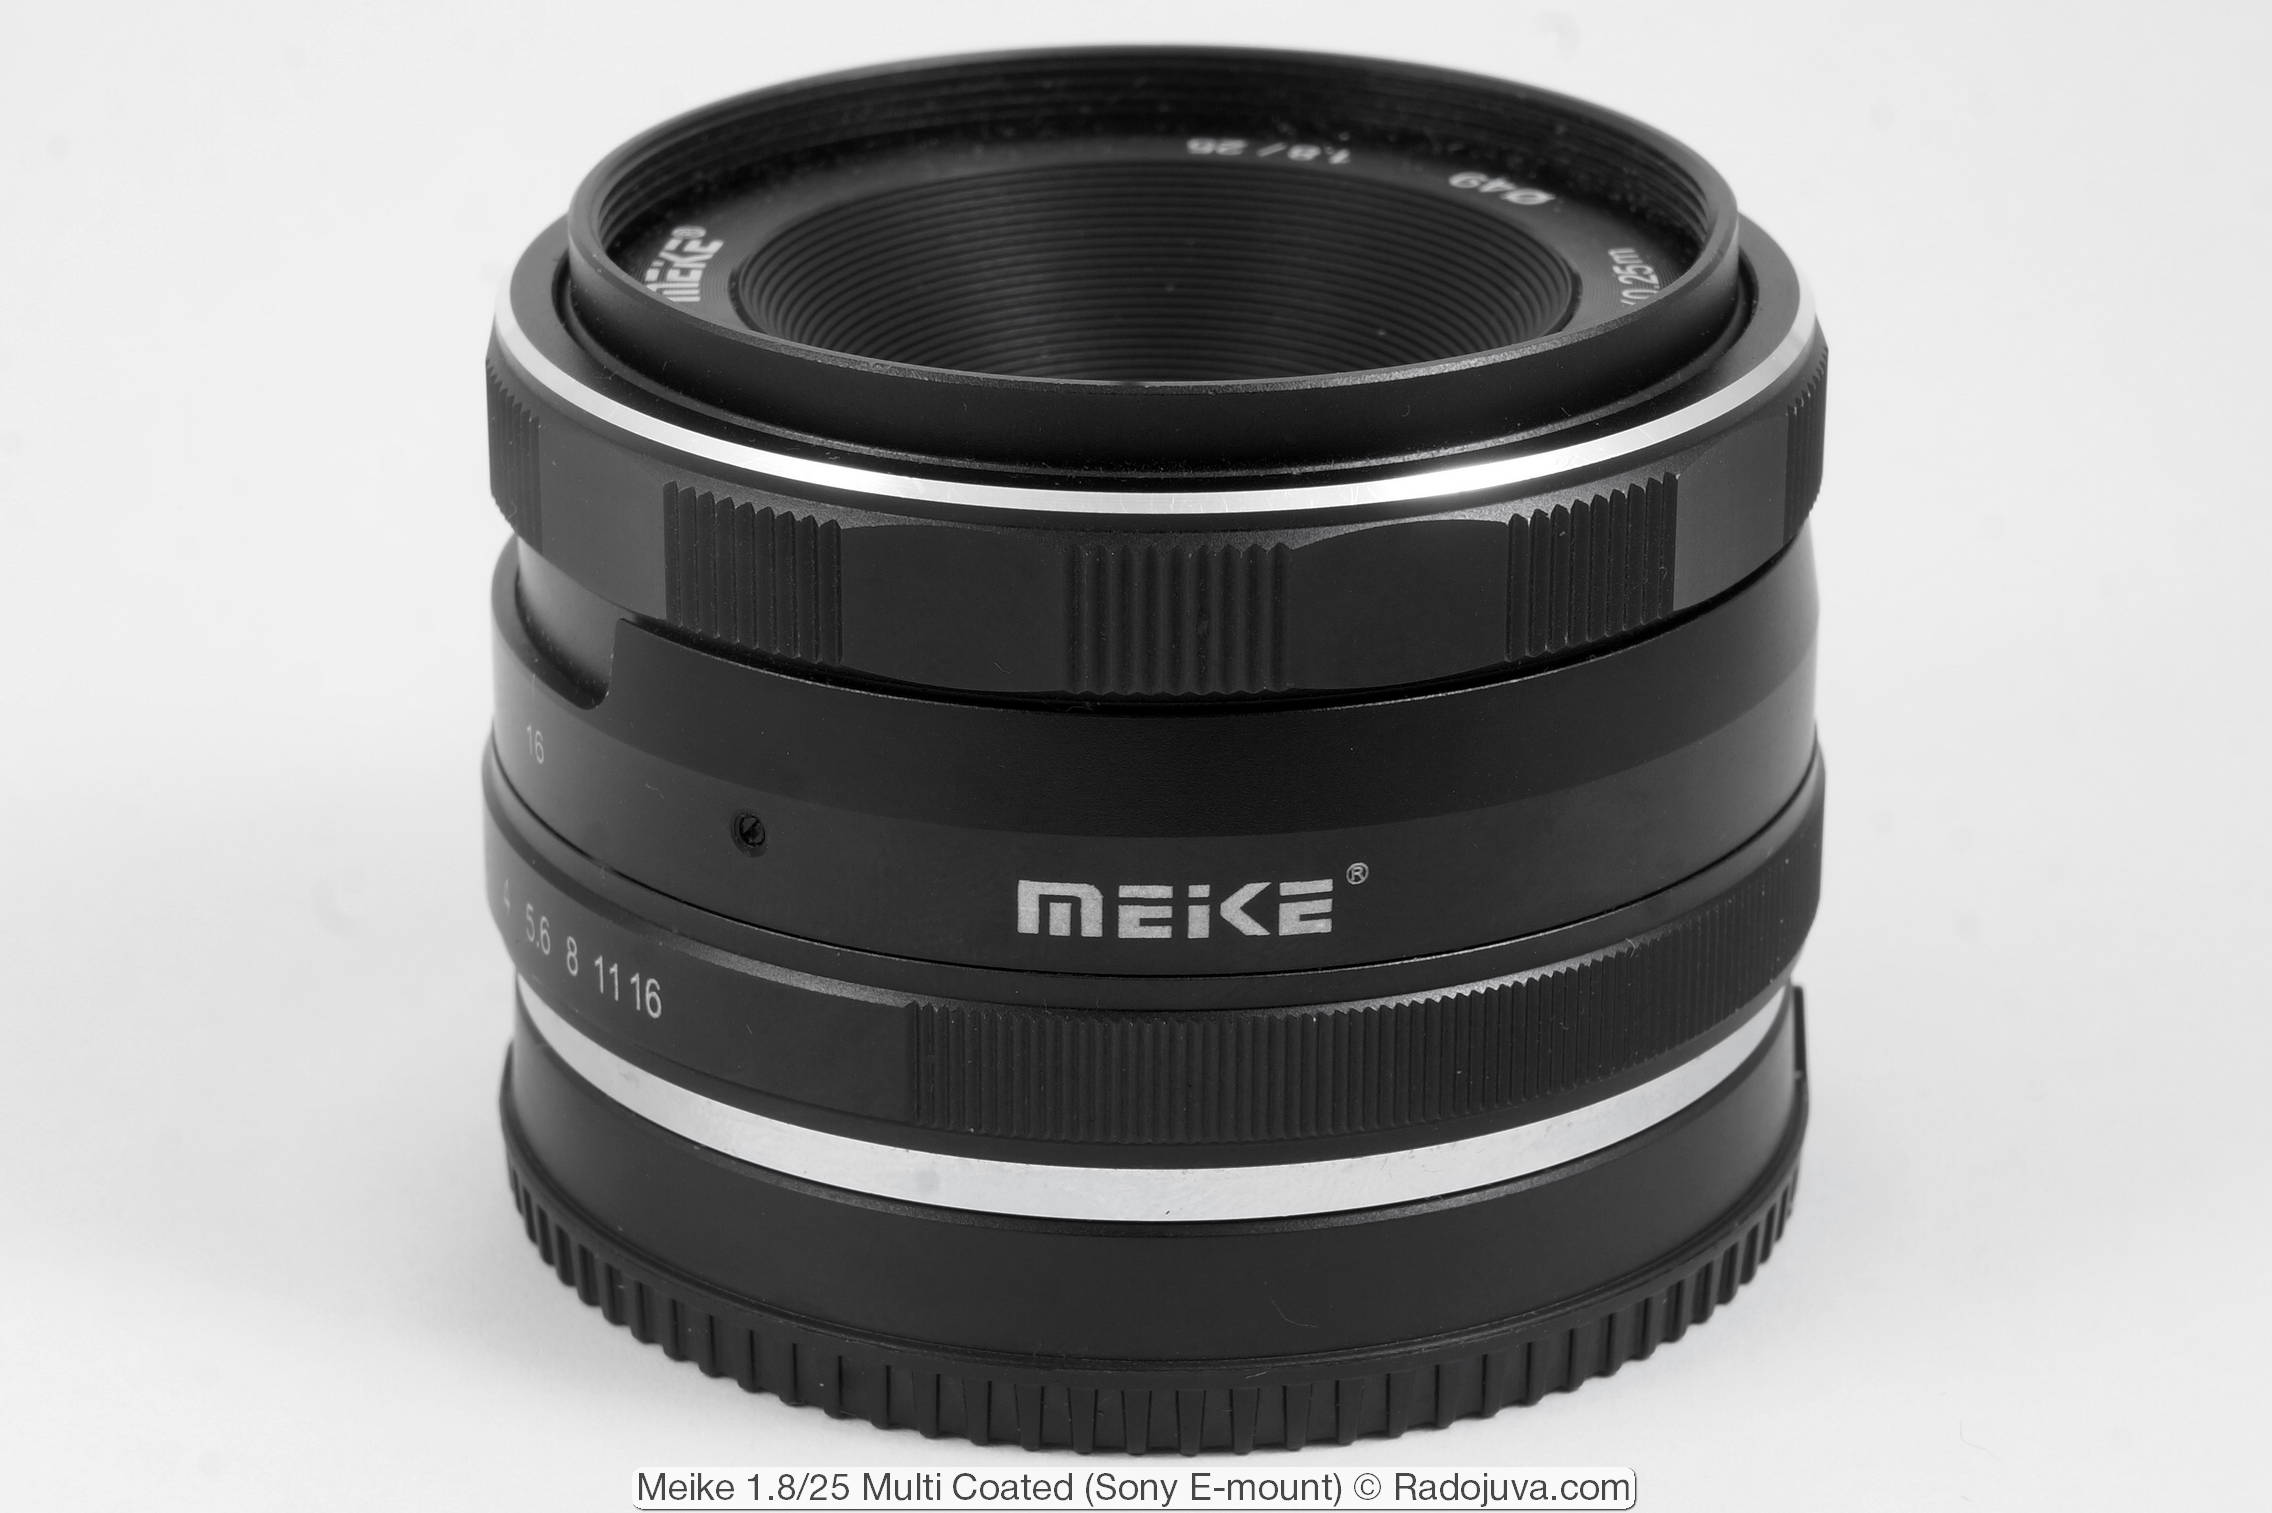 Meike 1.8/25 Multi Coated